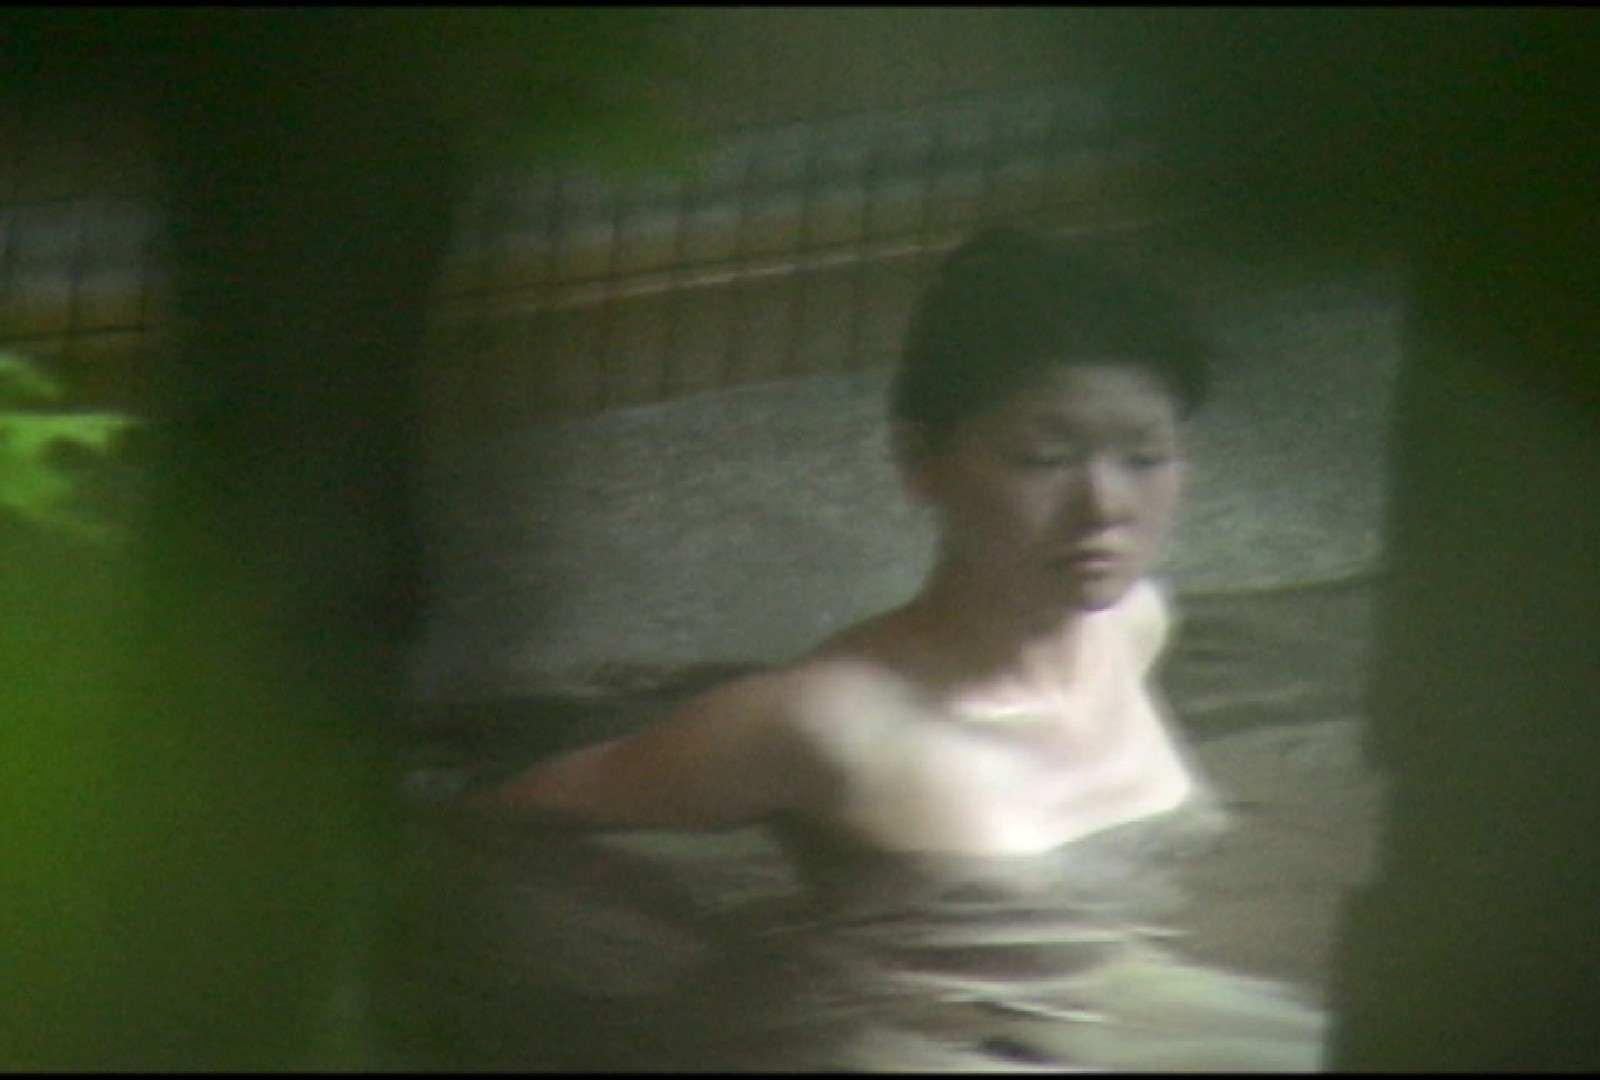 Aquaな露天風呂Vol.699 綺麗なOLたち | 盗撮  105枚 28